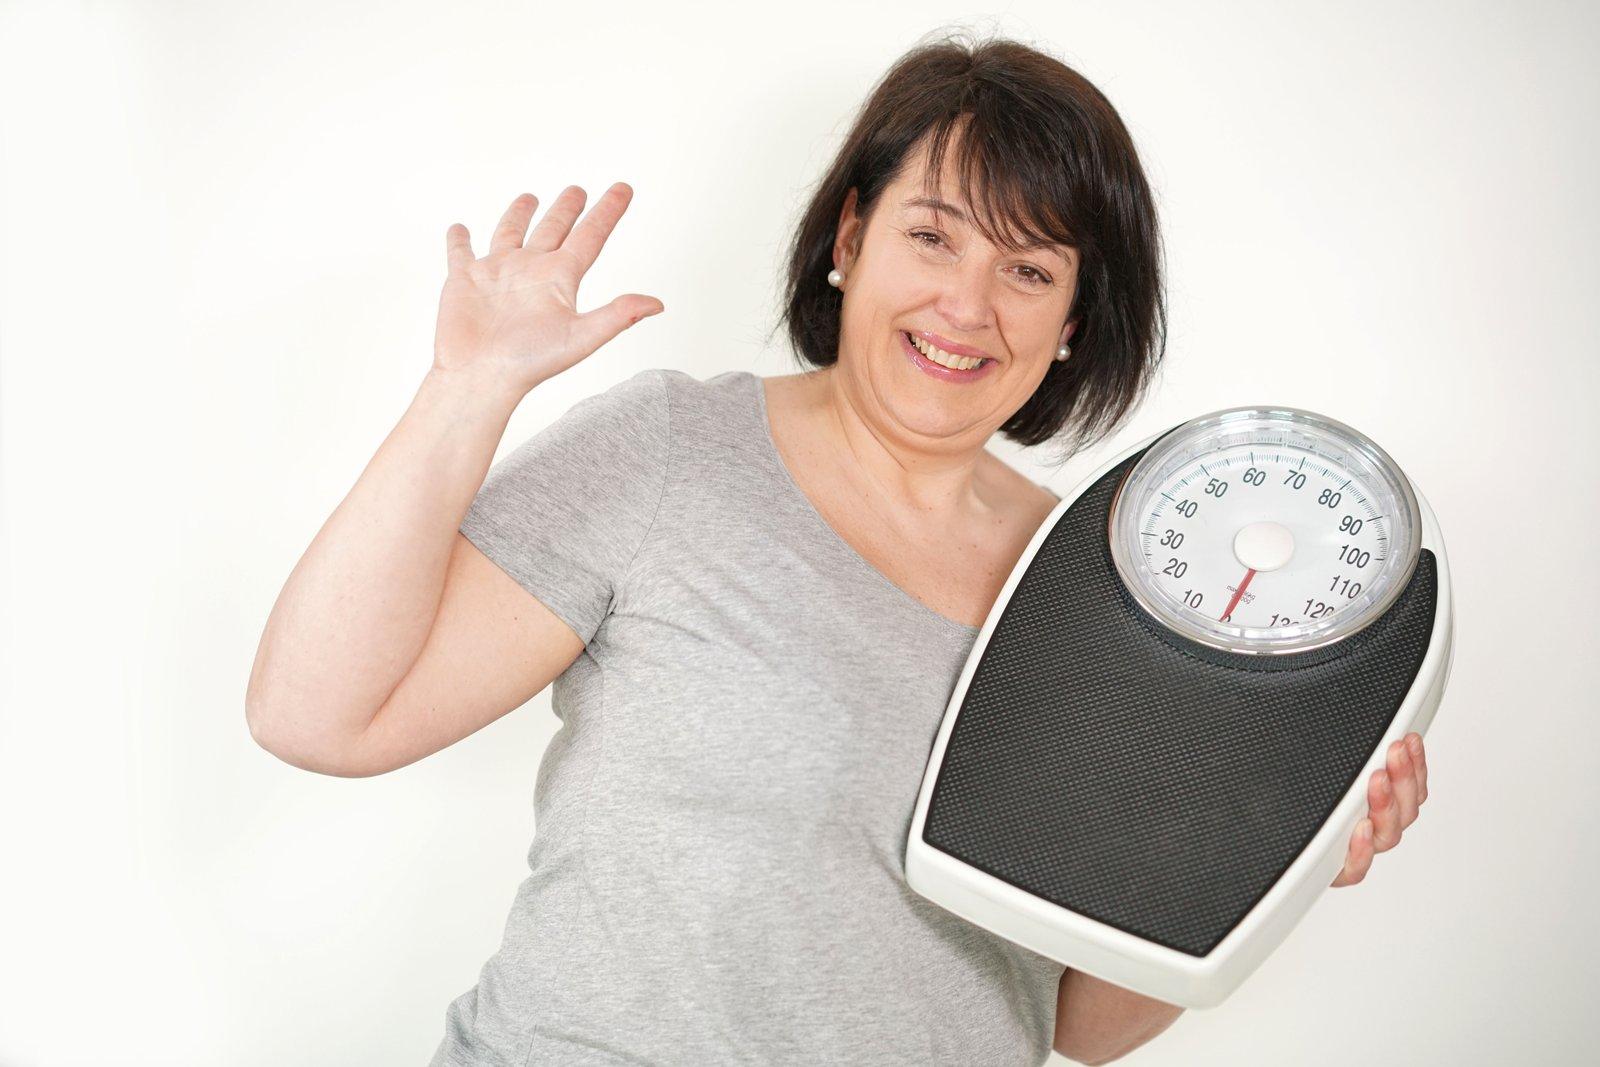 donna in sovrappeso con la bilancia